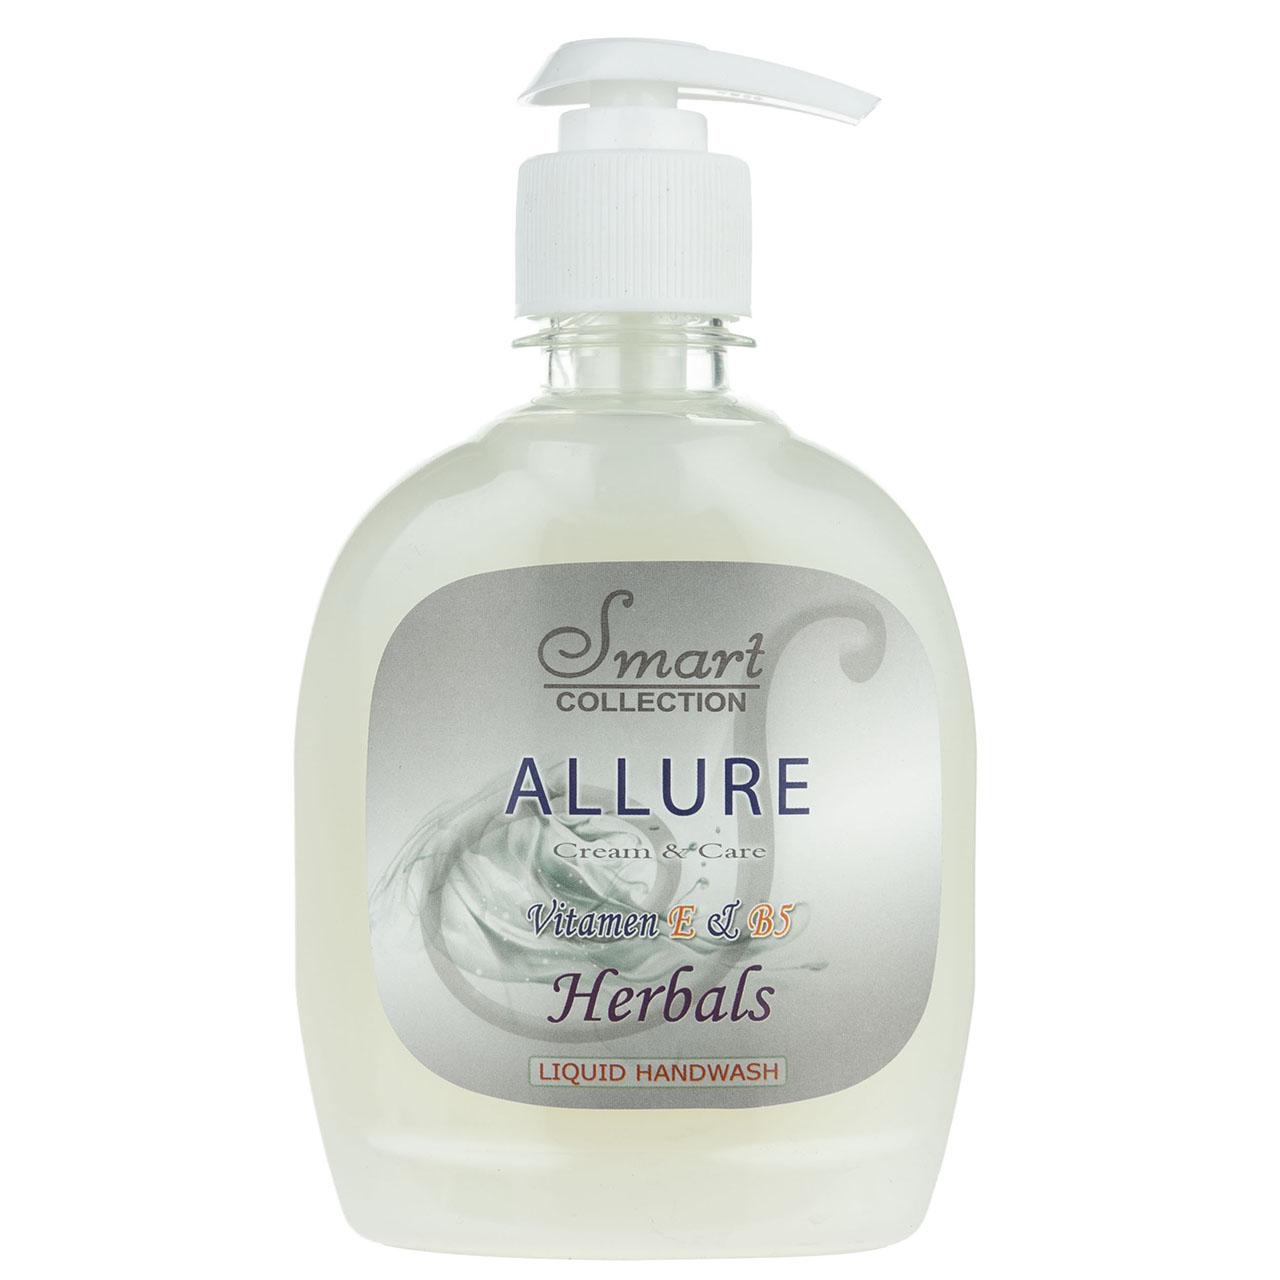 مایع دستشویی اسمارت کالکشن مدل Allure مقدار 400 گرم